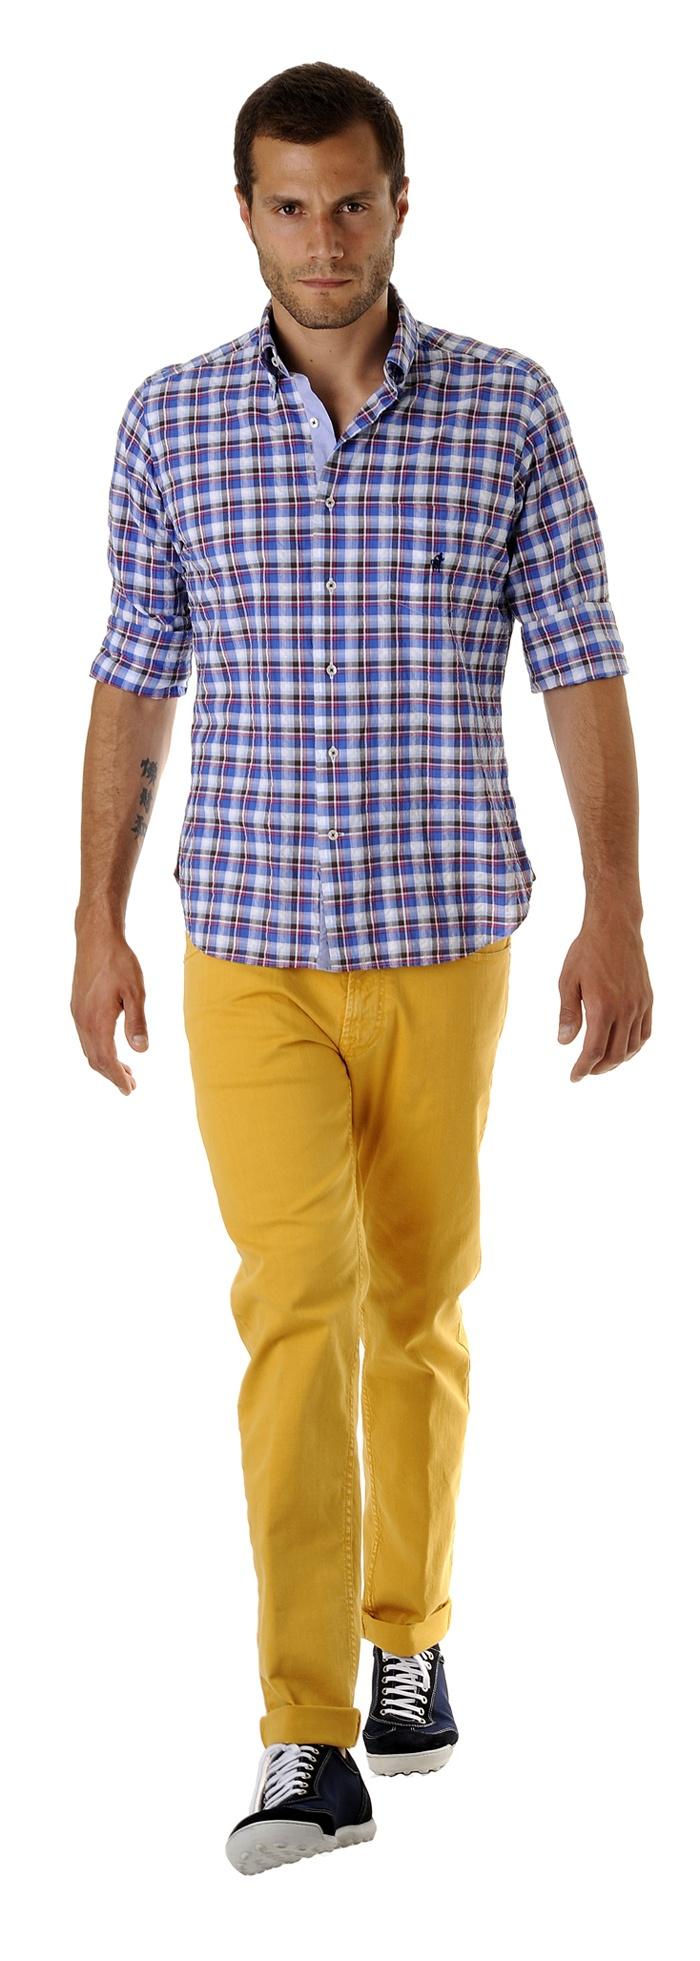 Abbigliamento Matrimonio Uomo Casual : Rodrigo outlet abbigliamento uomo casual primavera estate